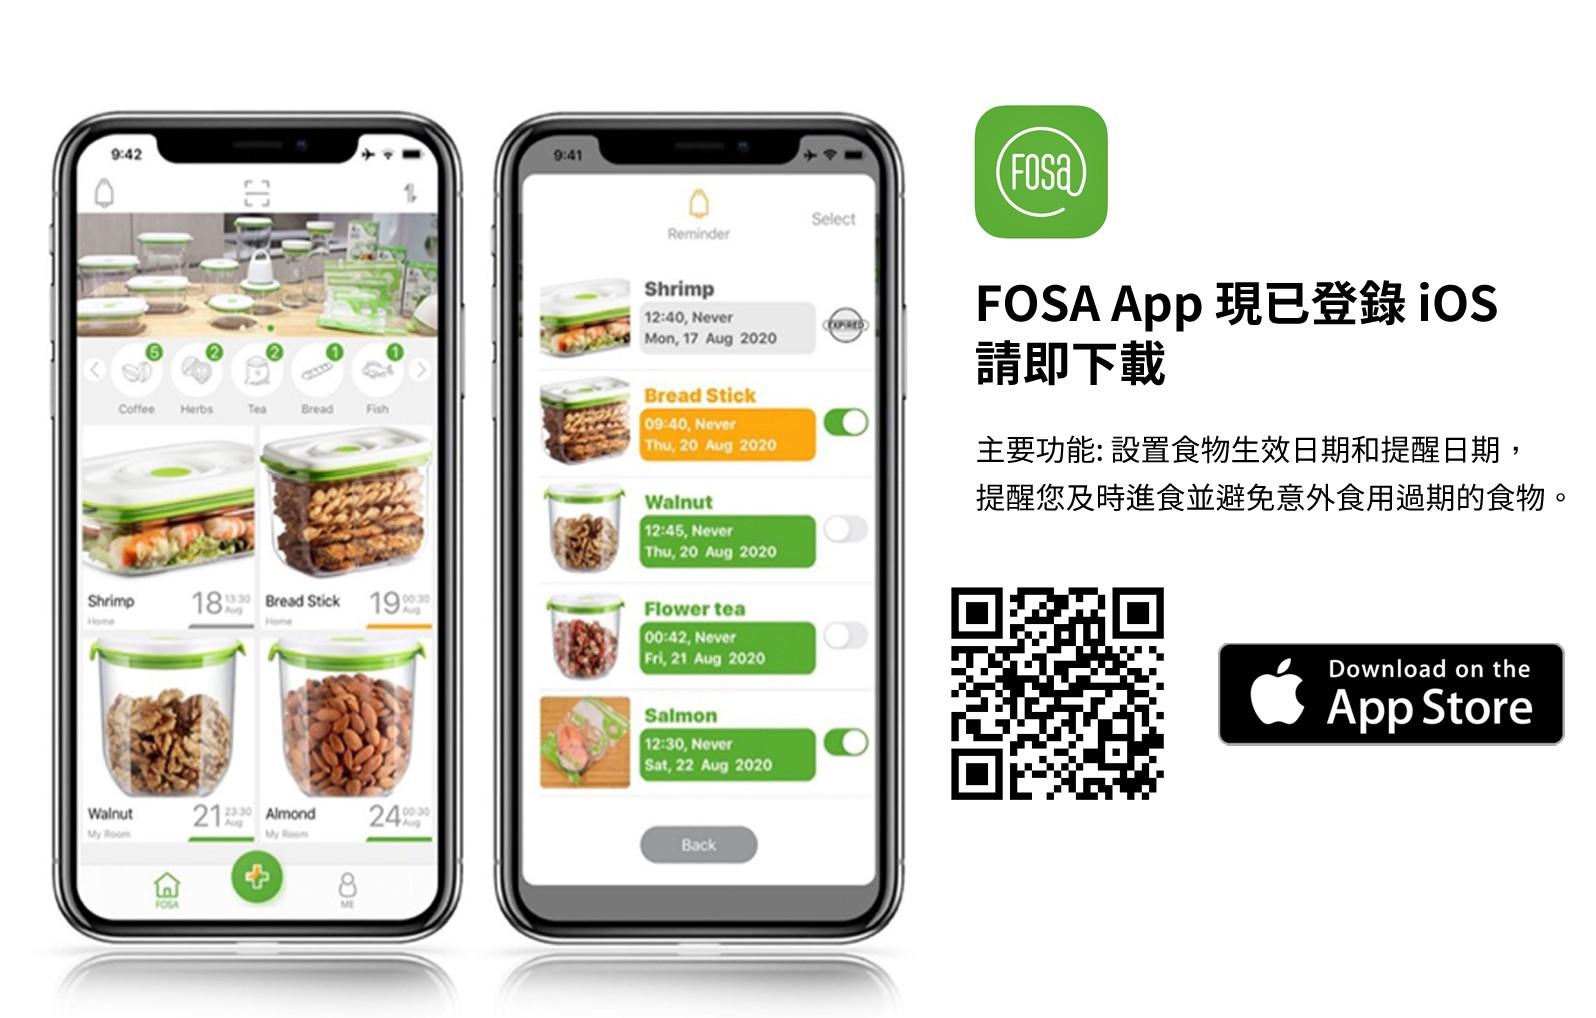 FOSA APP iOS